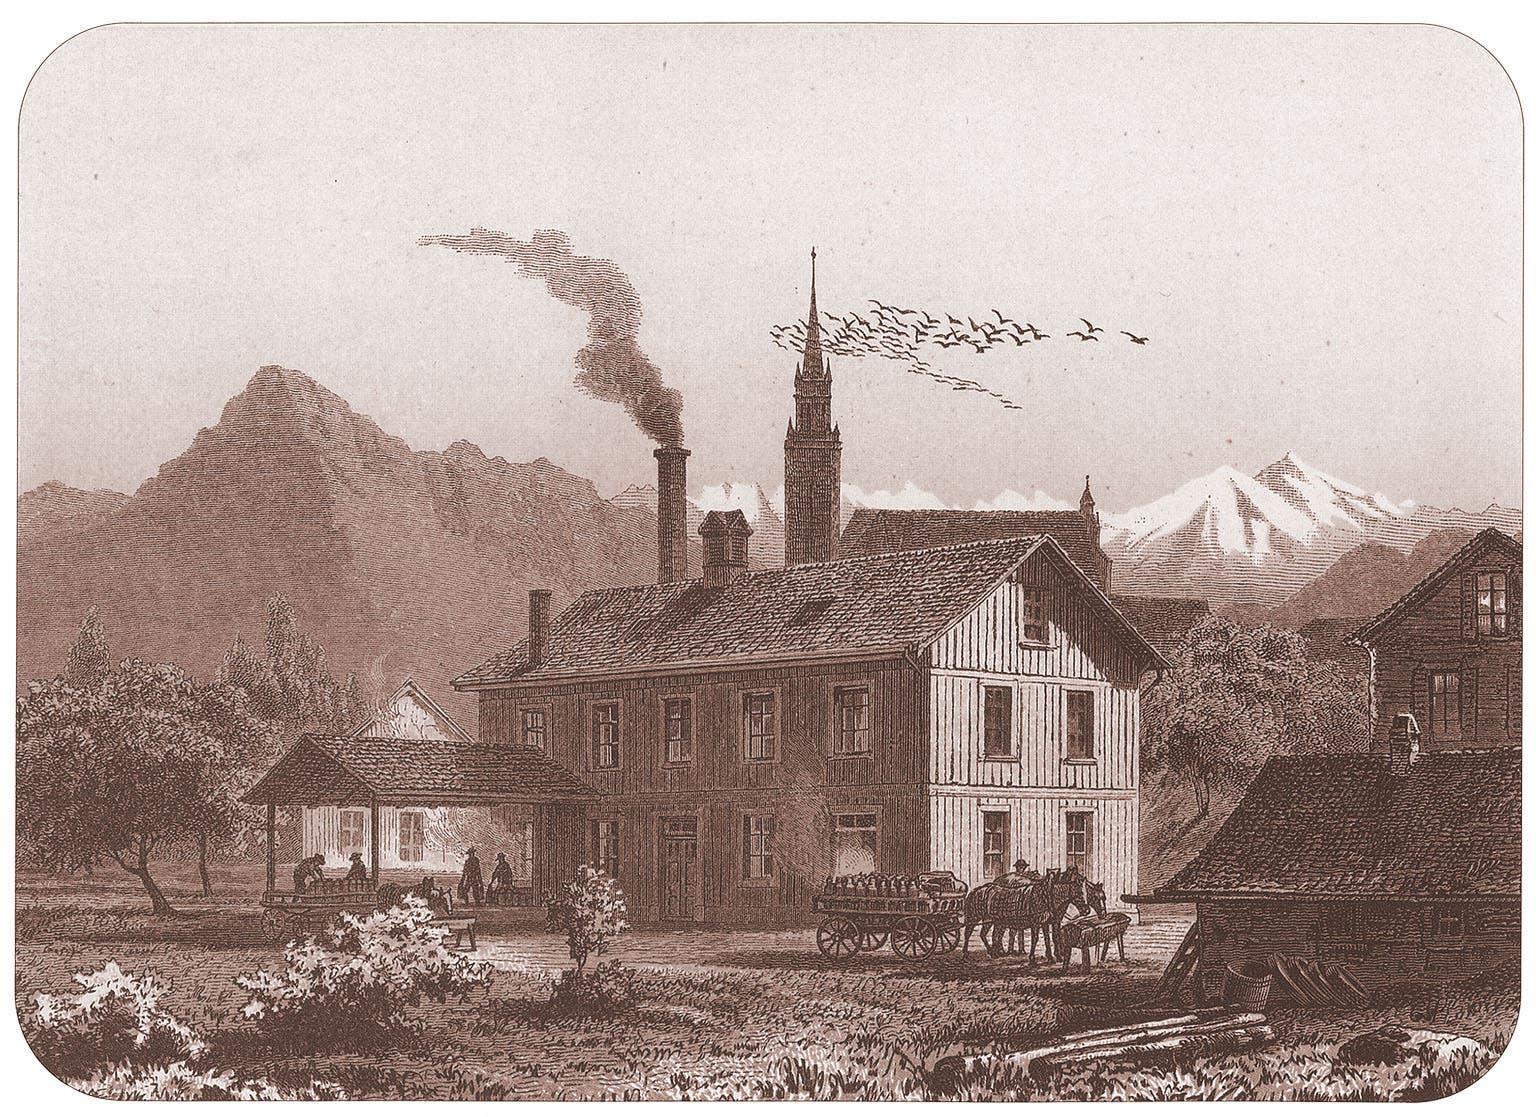 Die ursprüngliche Fabrik der Anglo-Swiss Condensed Milk Company aus dem Jahr 1866. Kupferstich von Johannes Weber von 1895.